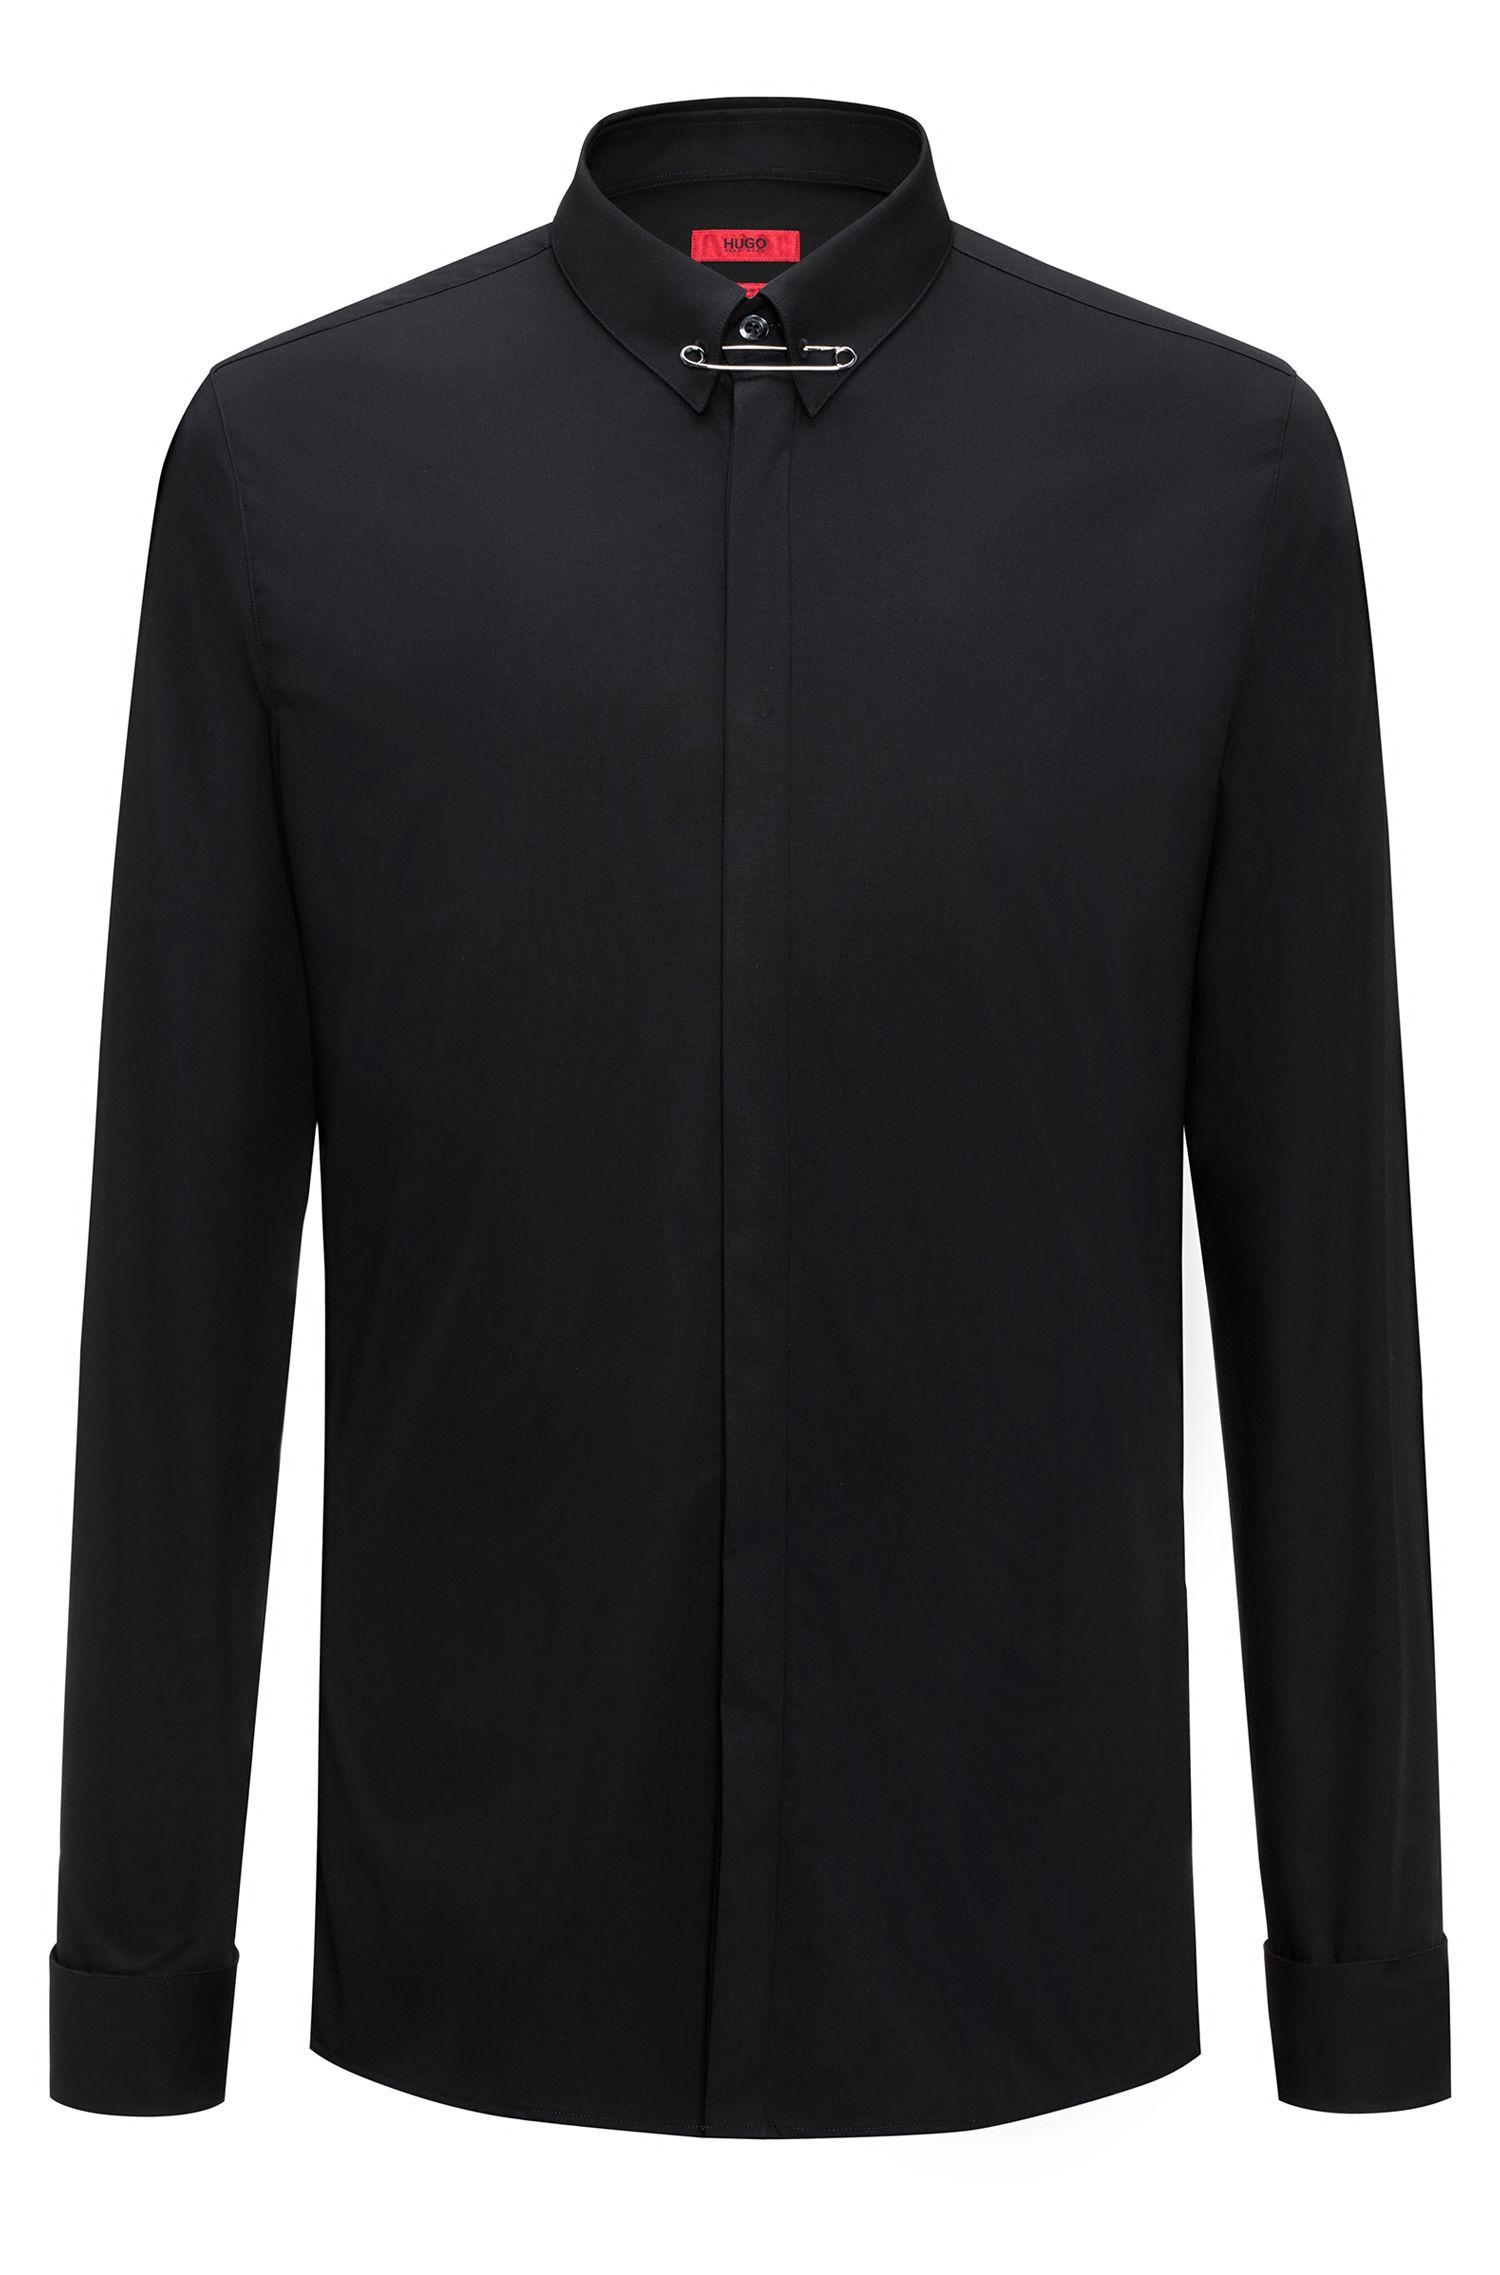 Chemise Extra Slim Fit en coton avec épingle à nourrice au niveau du col